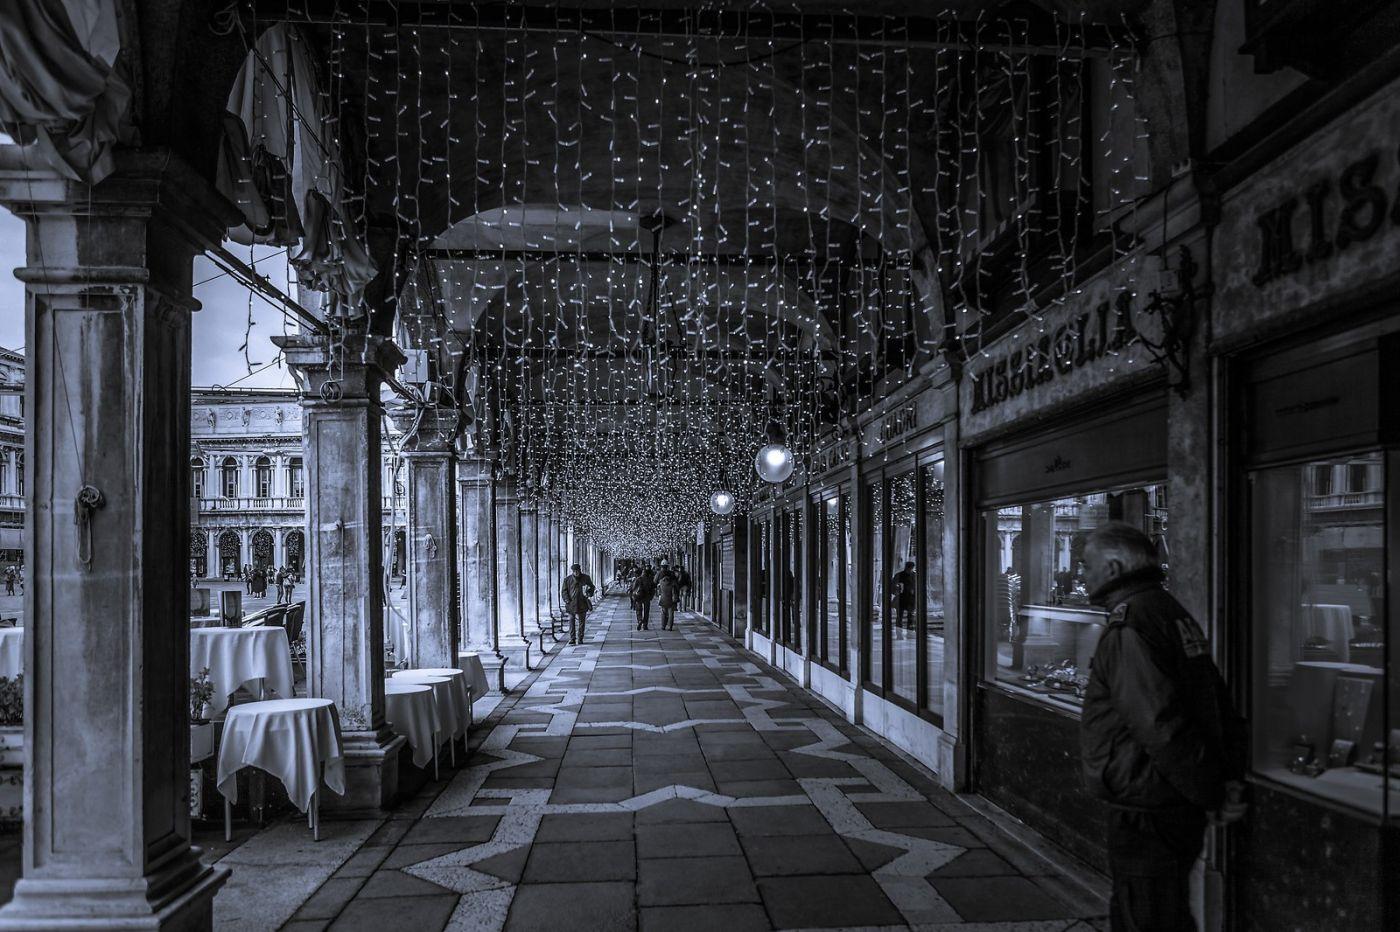 威尼斯圣马可广场(St Mark's Square), 独一无二_图1-13